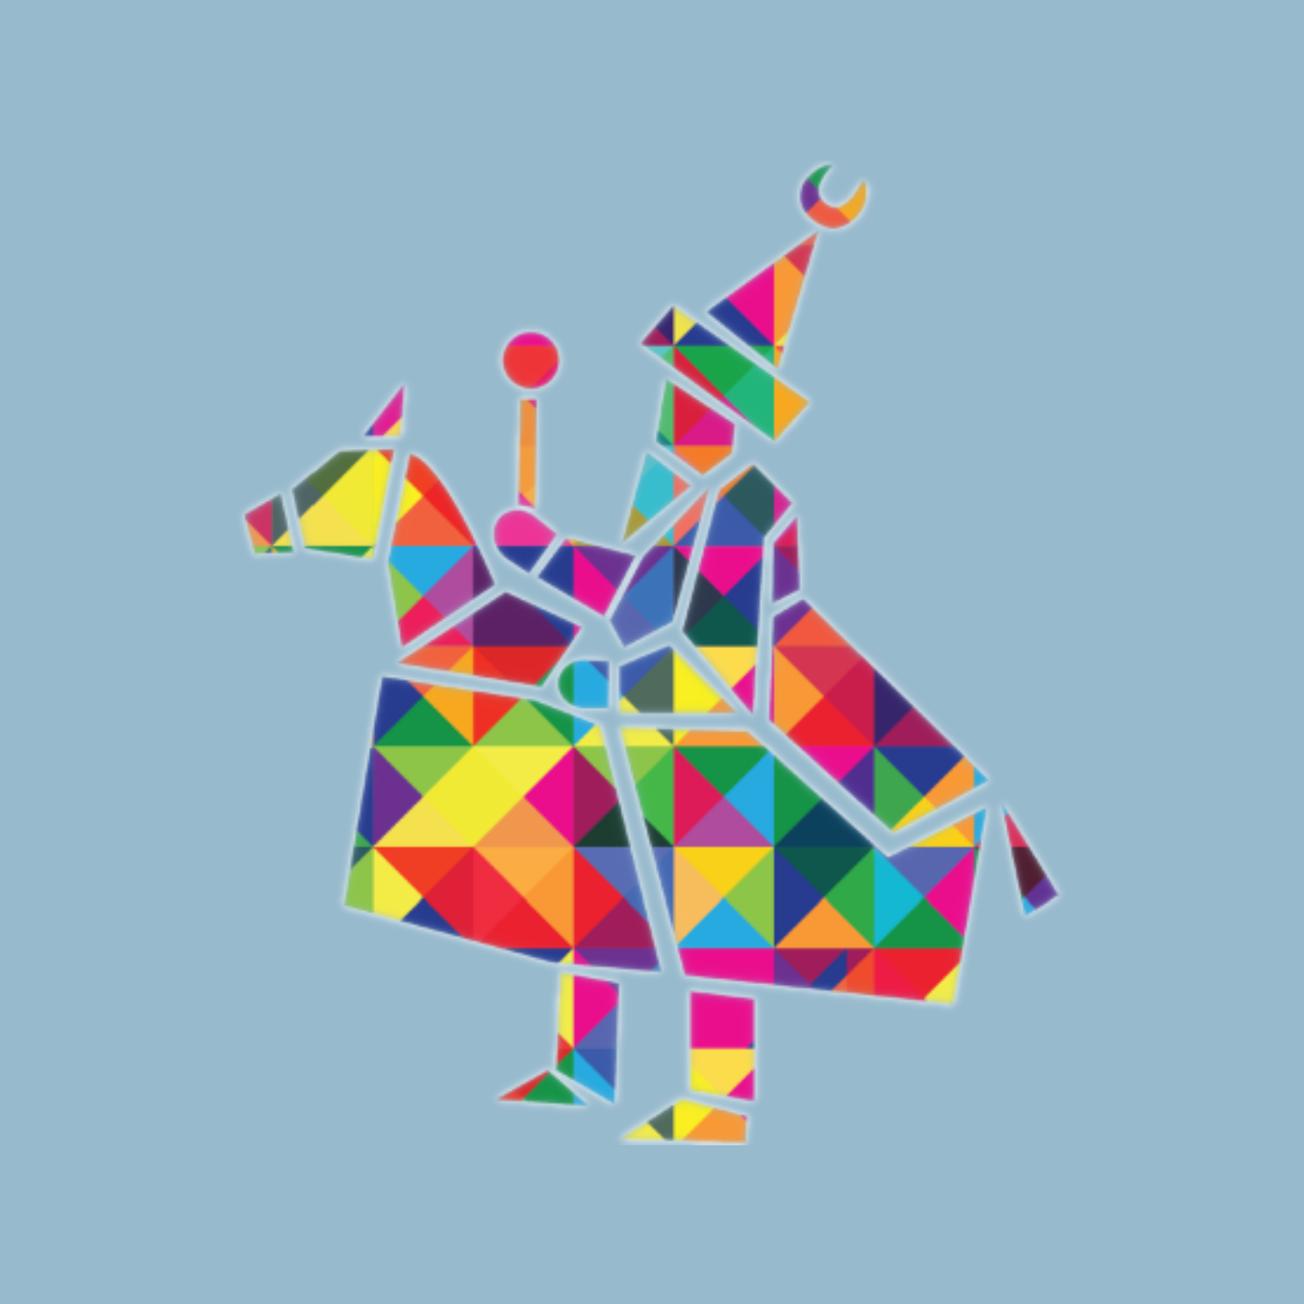 Logo Centrum Wielokulturowe w Krakowie - kolorowy lajkonik z geometrycznych figur na niebieskim tle